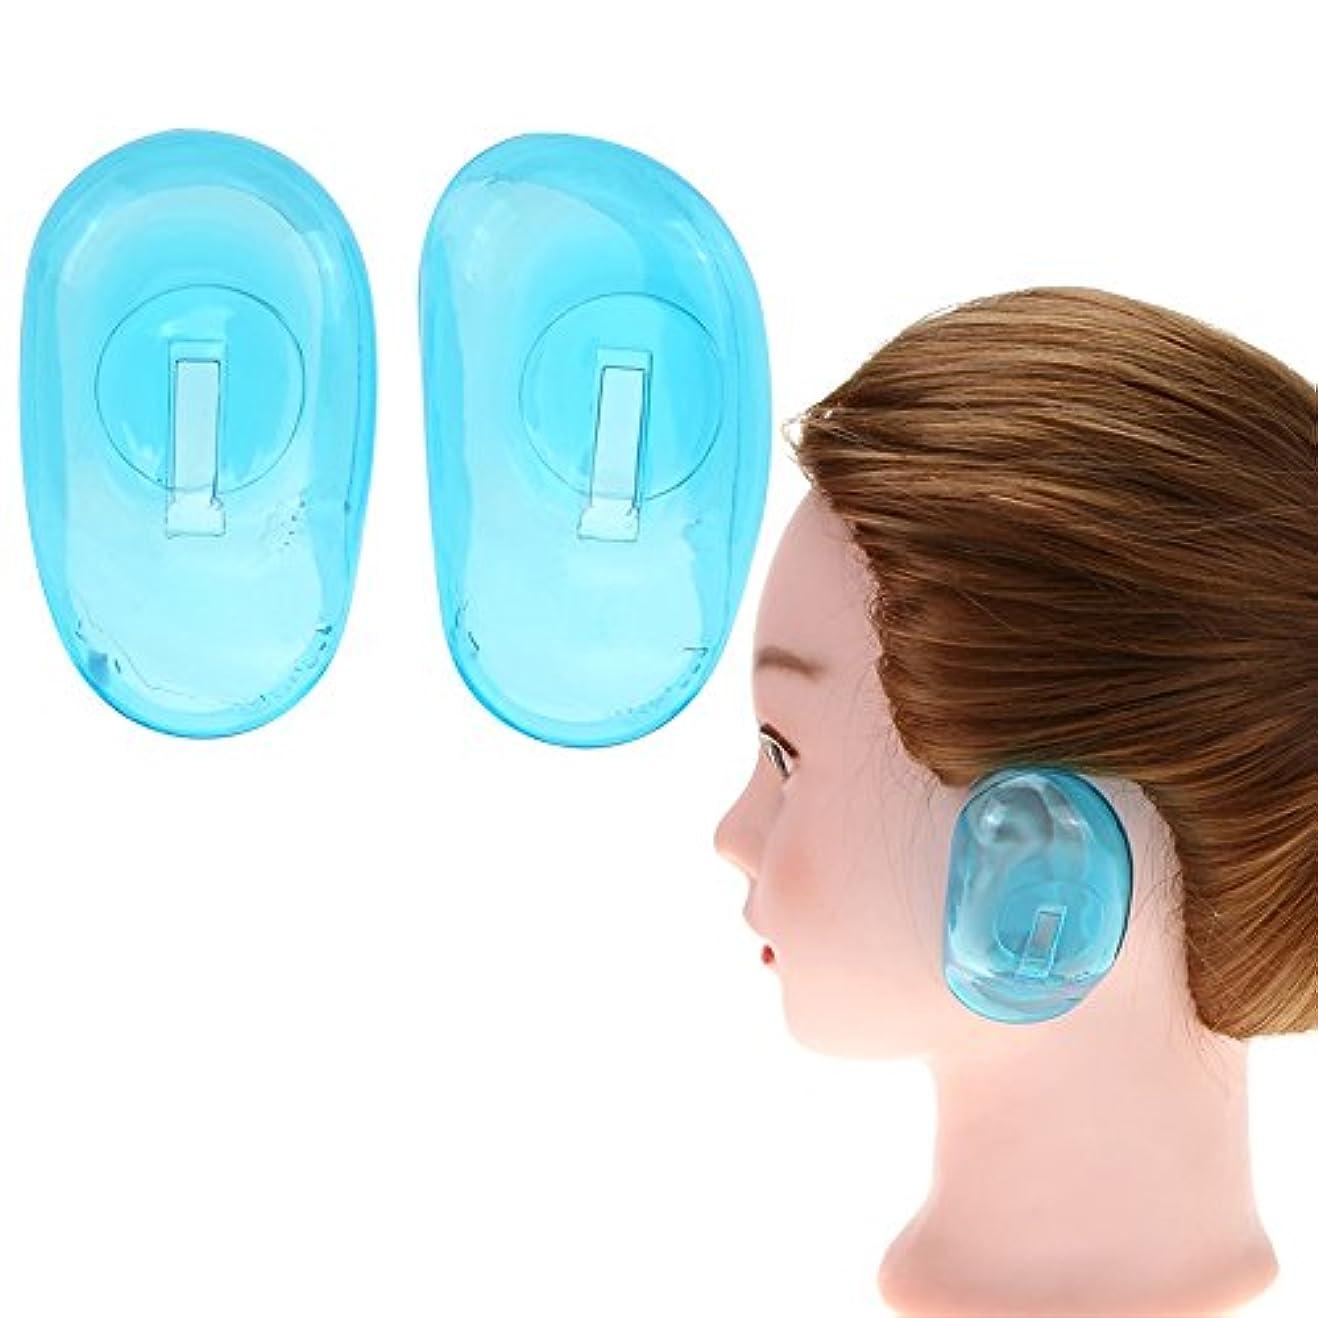 サラミスイング艦隊Ruier-tong 1ペア耳カバー 毛染め用 シリコン製 耳キャップ 柔らかいイヤーキャップ ヘアカラー シャワー 耳保護 ヘアケアツール サロン 洗える 繰り返す使用可能 エコ 8.5x5cm